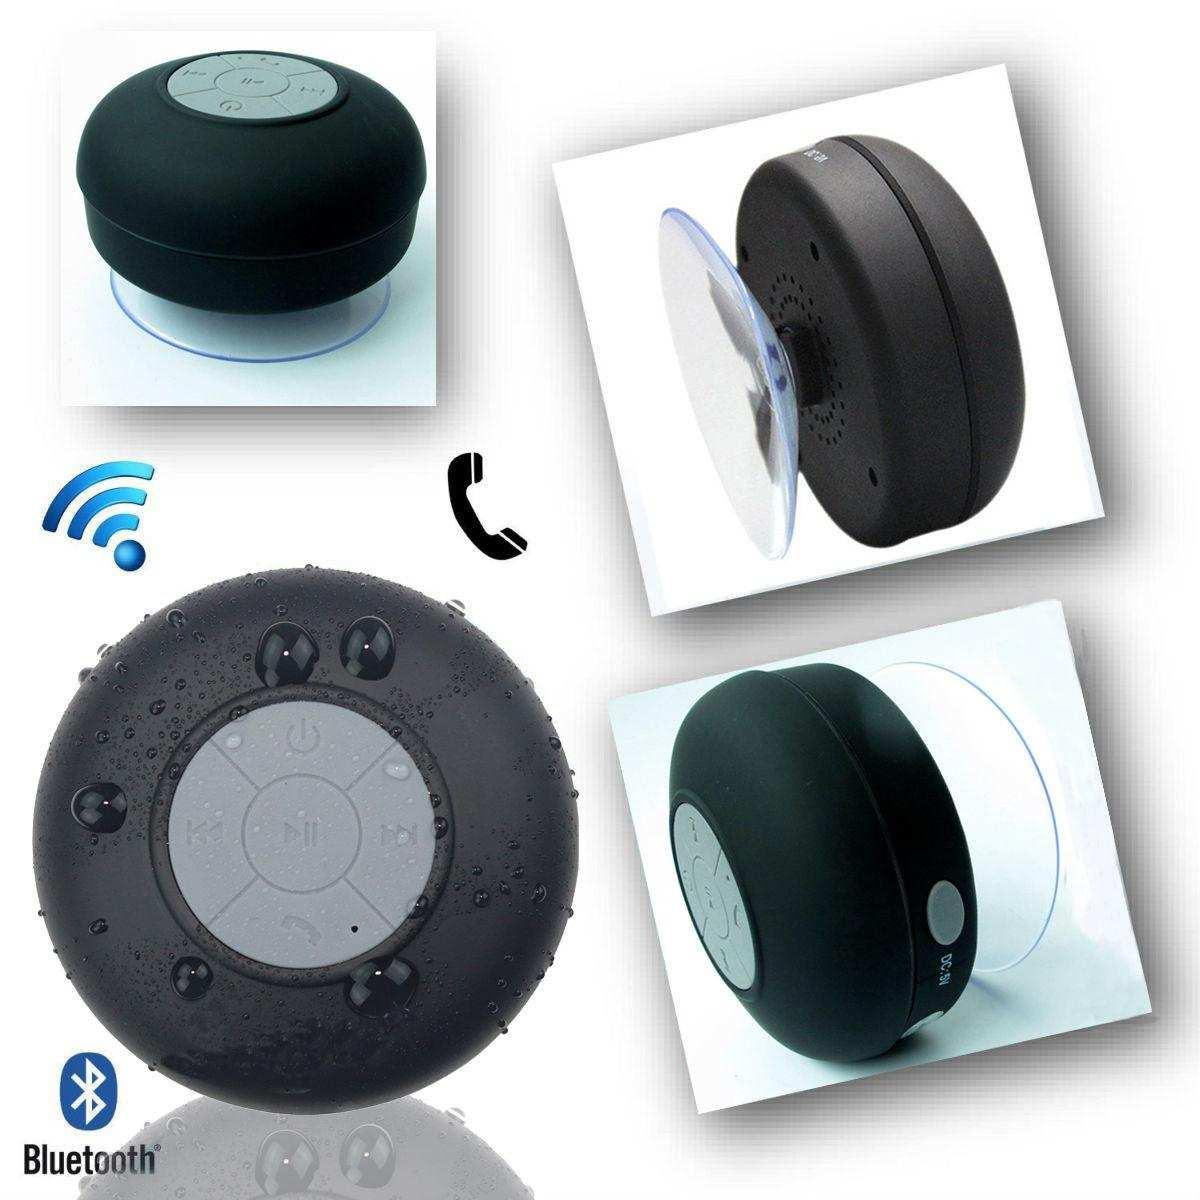 Su Geçirmez Mini Bluetooth Duş Hoparlörü (Siyah)